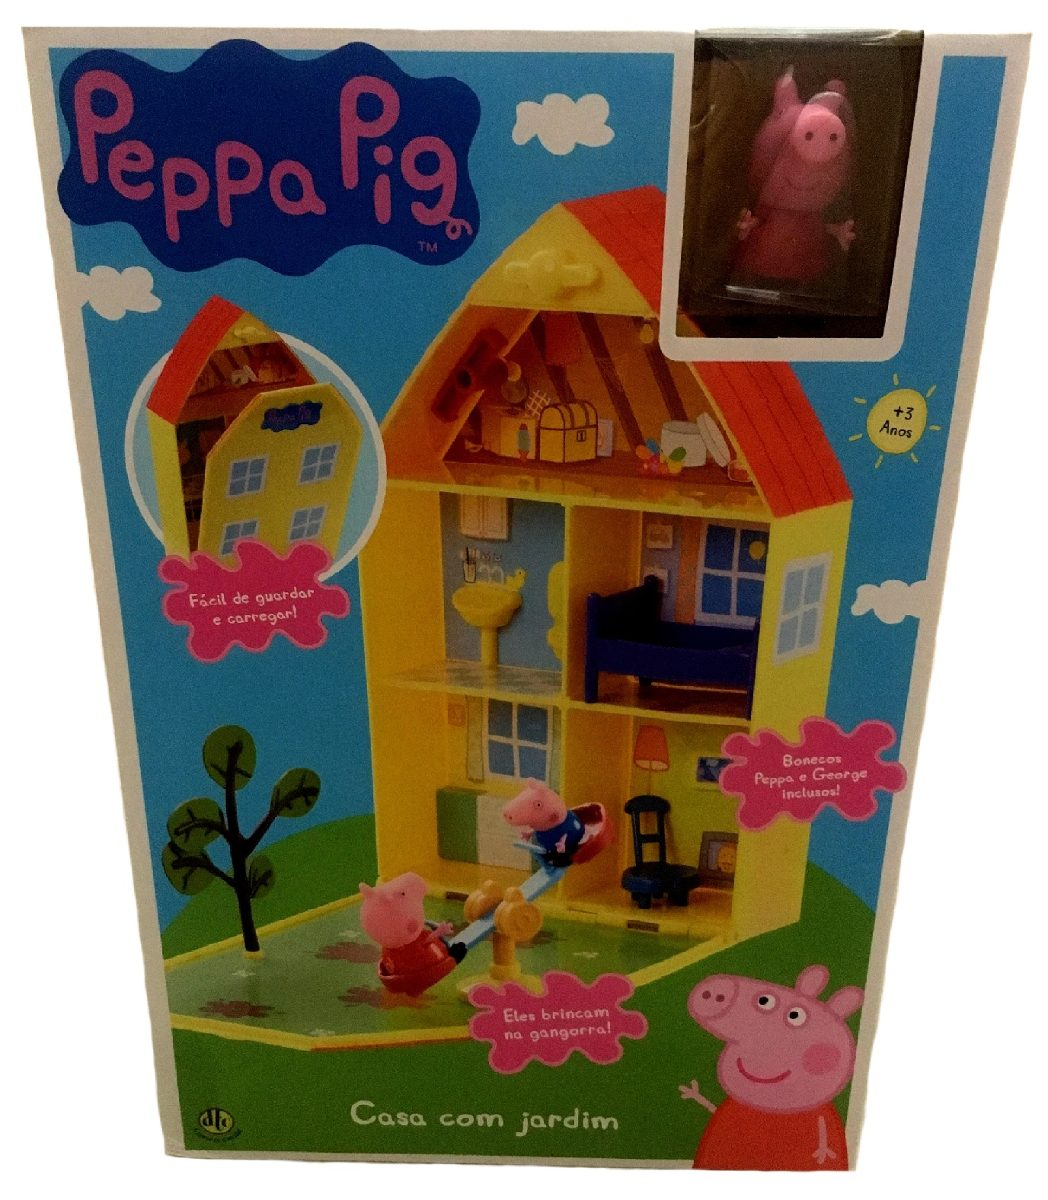 casinha da peppa - casa peppa pig - original direto dos eua